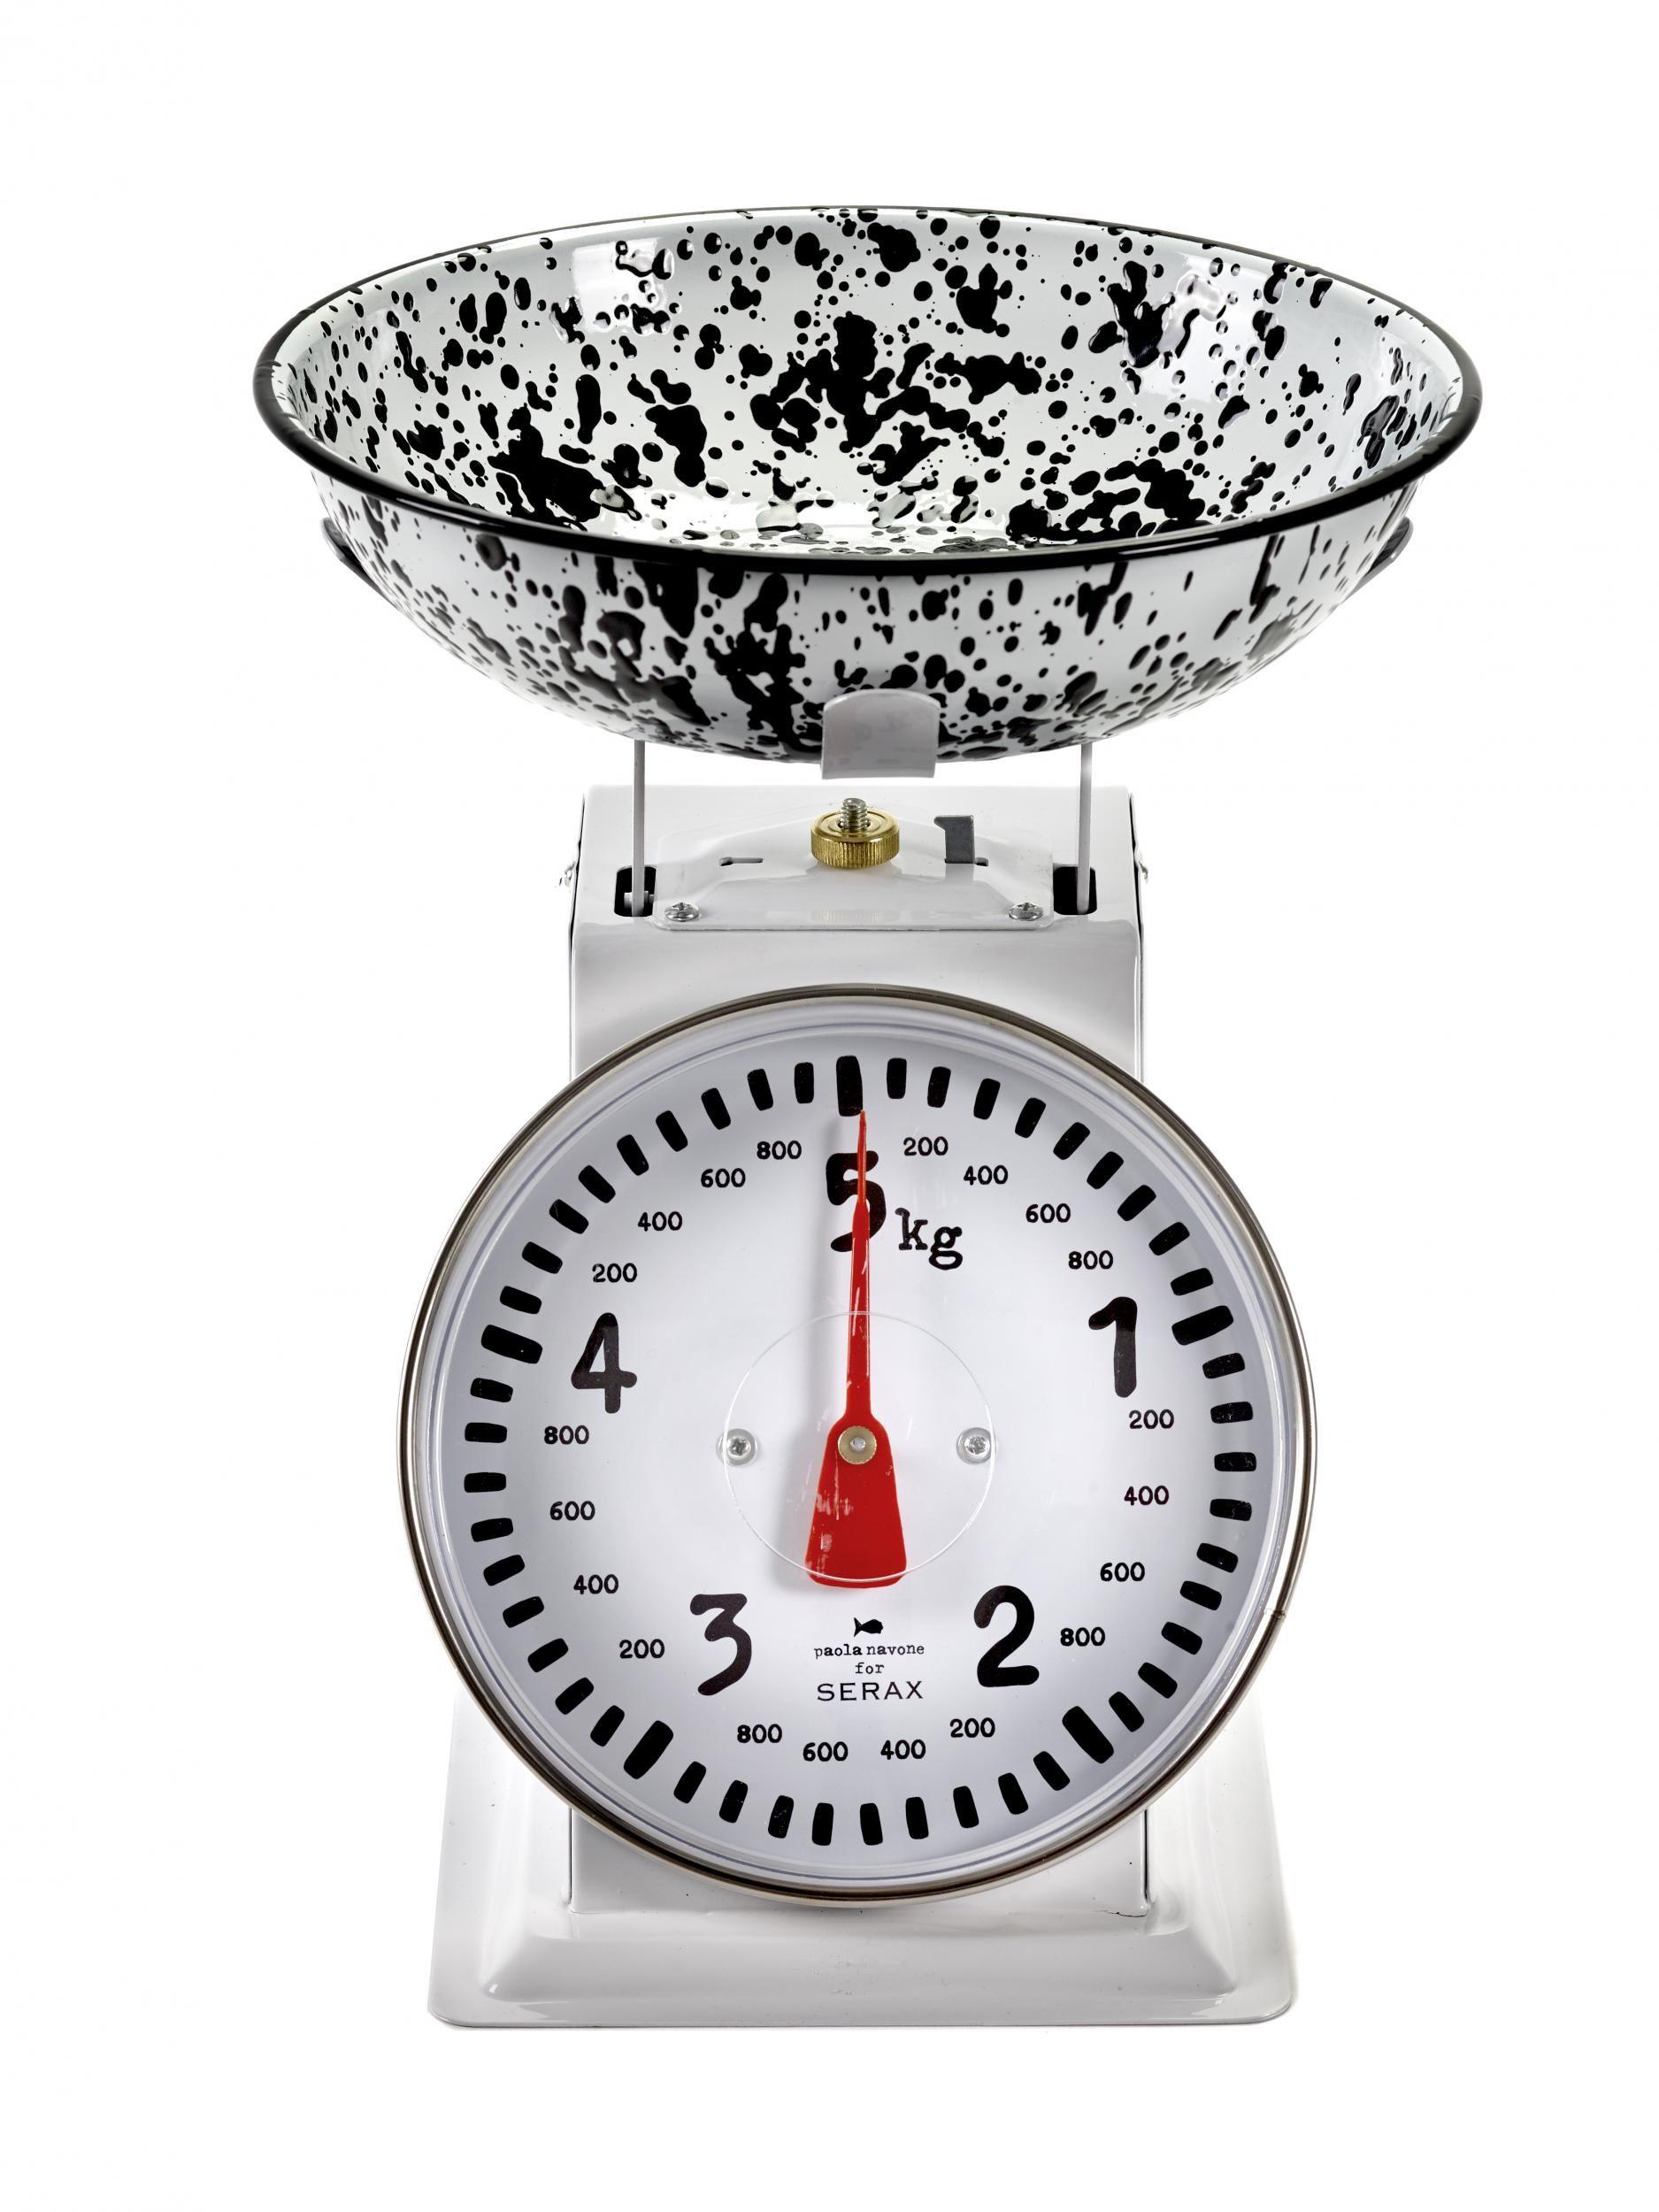 Balance de cuisine m canique pasta pasta 5 kg noir blanc serax made in design - Balance de cuisine mecanique ...